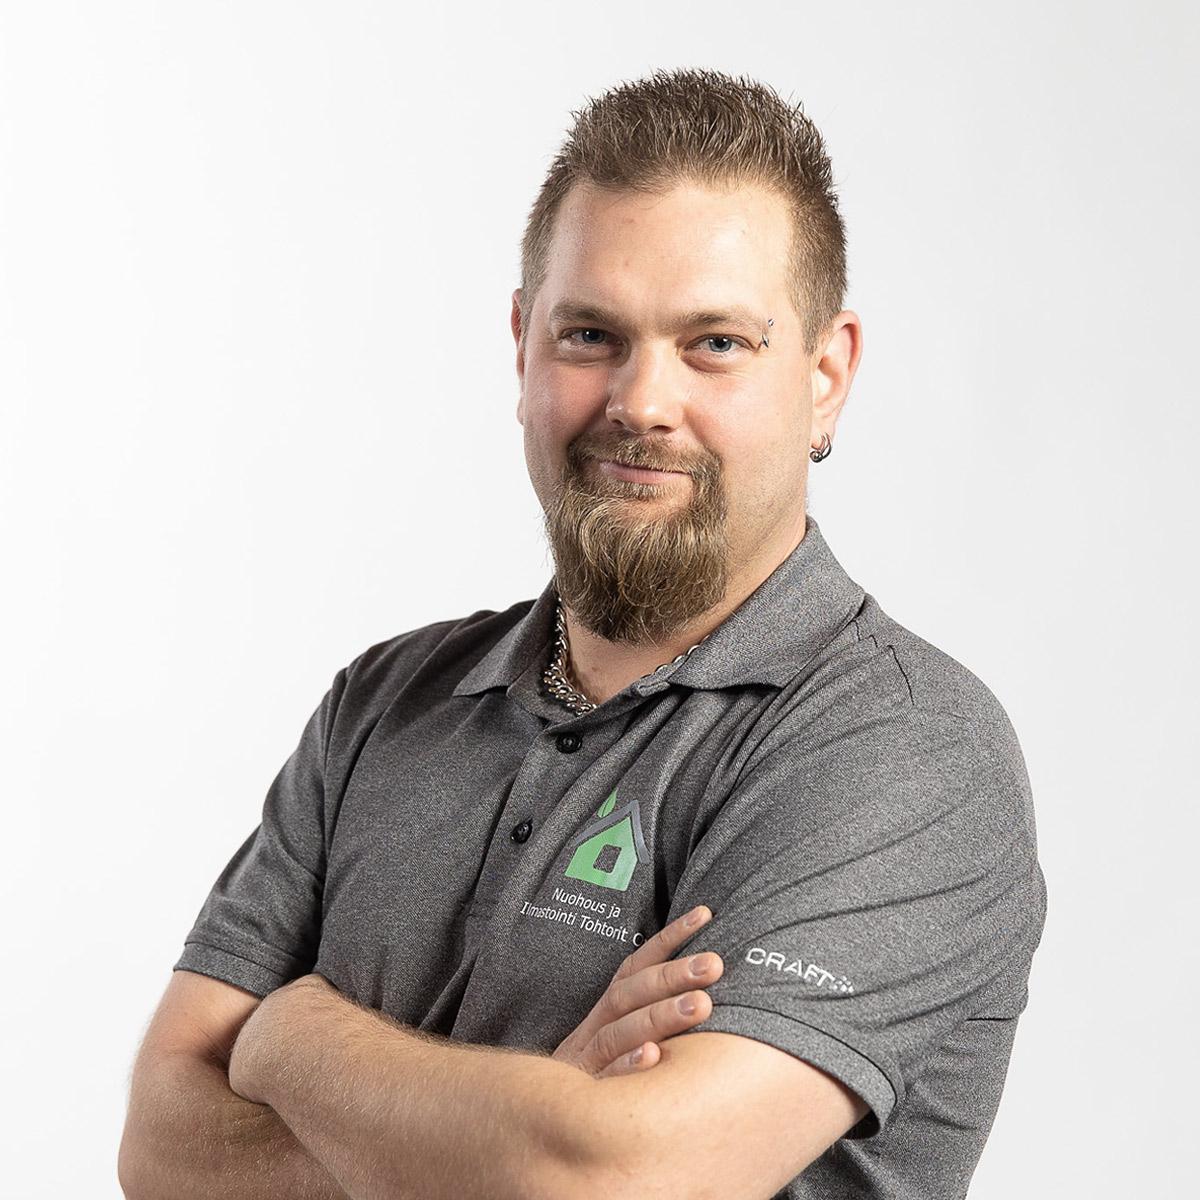 Jesse Myllymäki